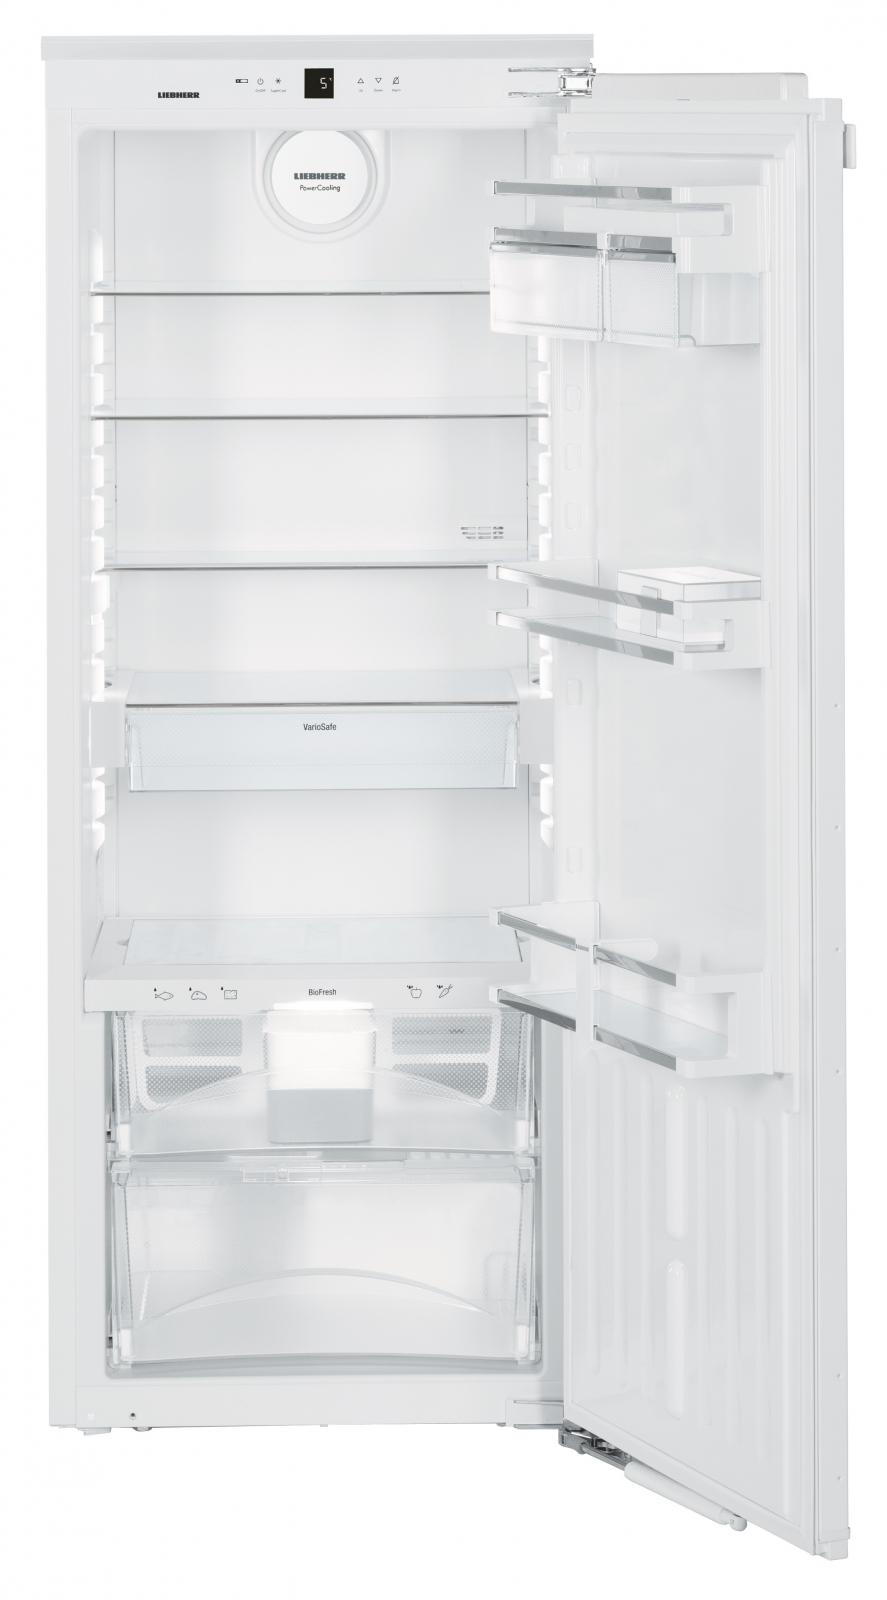 купить Встраиваемый однокамерный холодильник Liebherr IKBP 2760 Украина фото 3